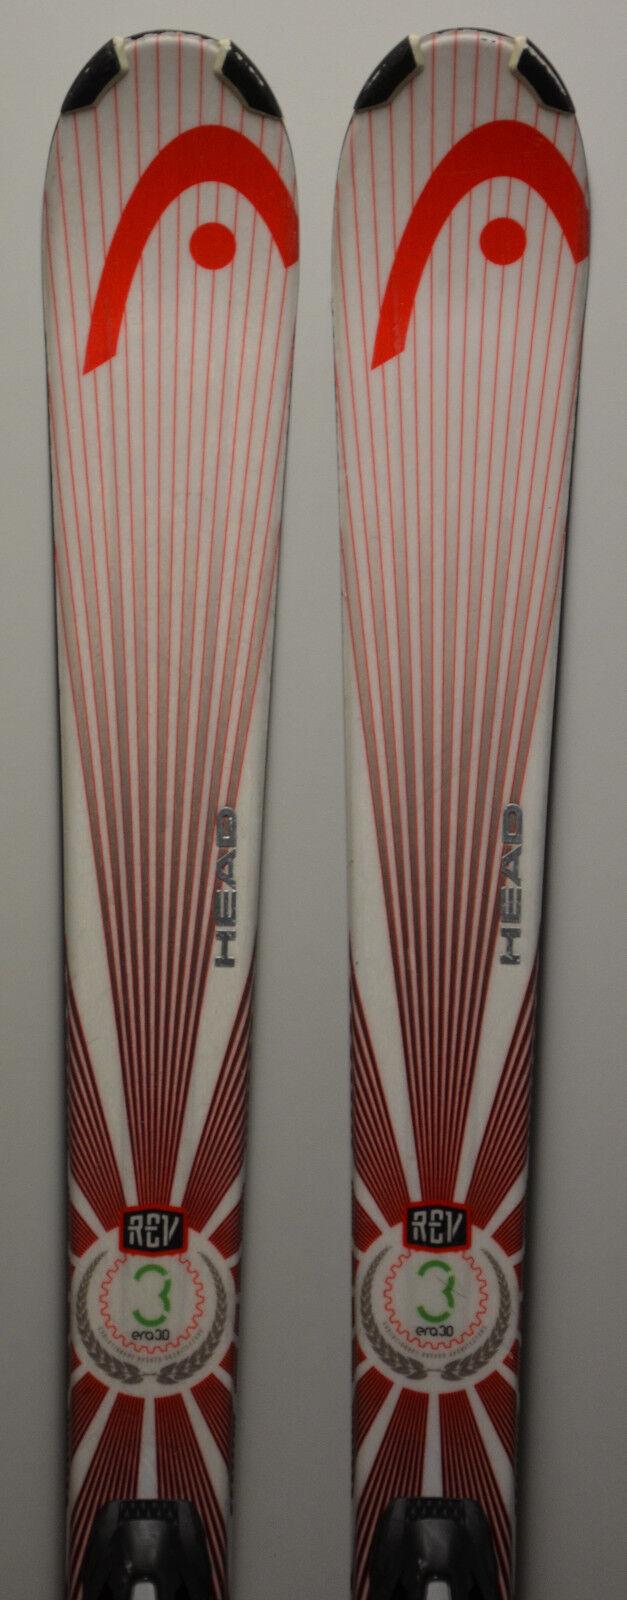 Esquís parabólico usado HEAD REV 75 - 156cm & 170cm - 2 Modelos diferentes